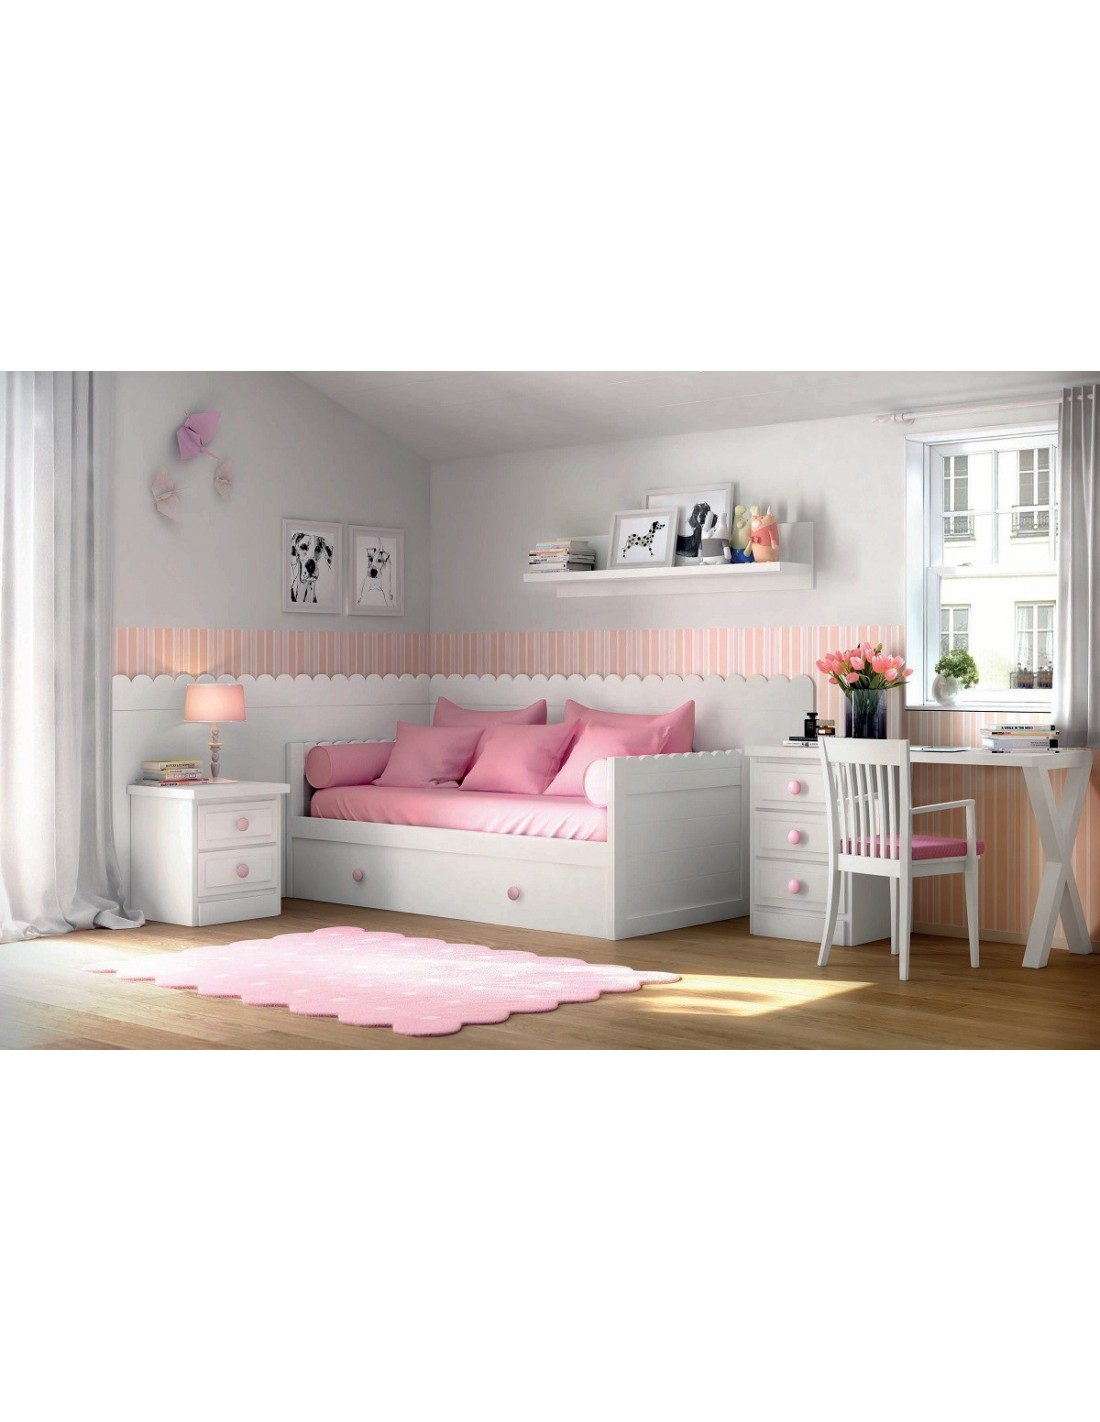 Dormitorio infantil lacado en blanco con camanido friso y for Muebles de dormitorio infantil